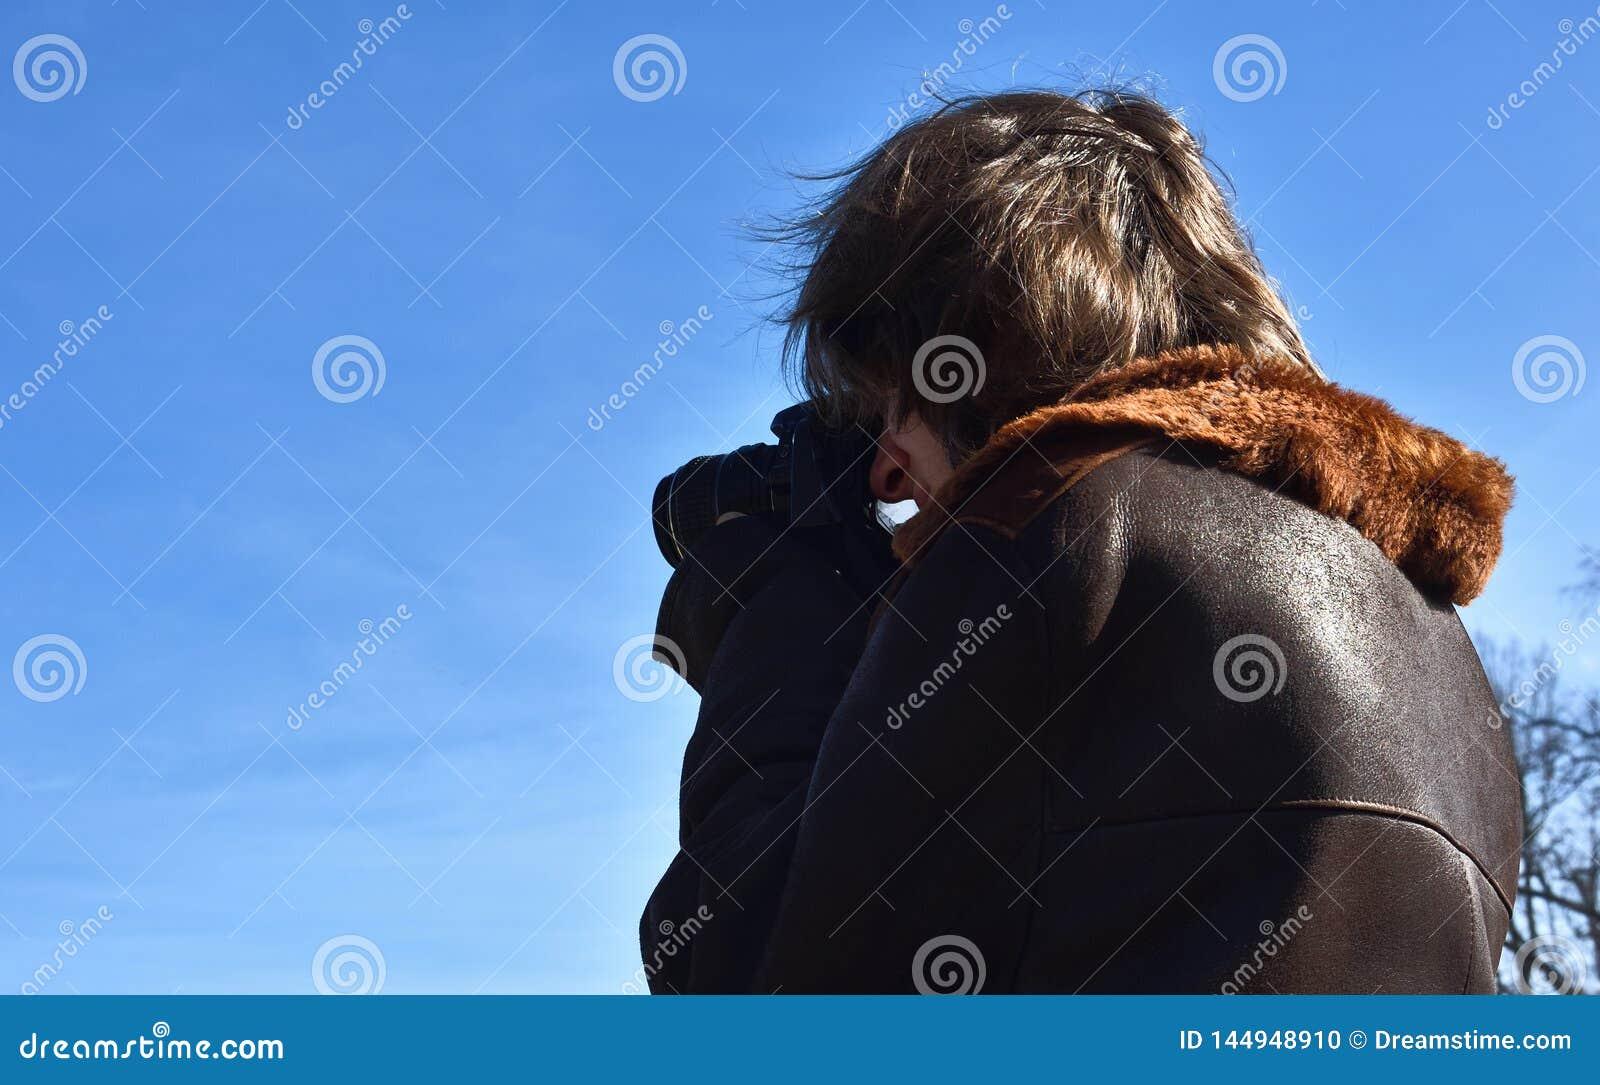 Молодая стрельба фотографа улицы с камерой DSLR, голубым небом, освещает